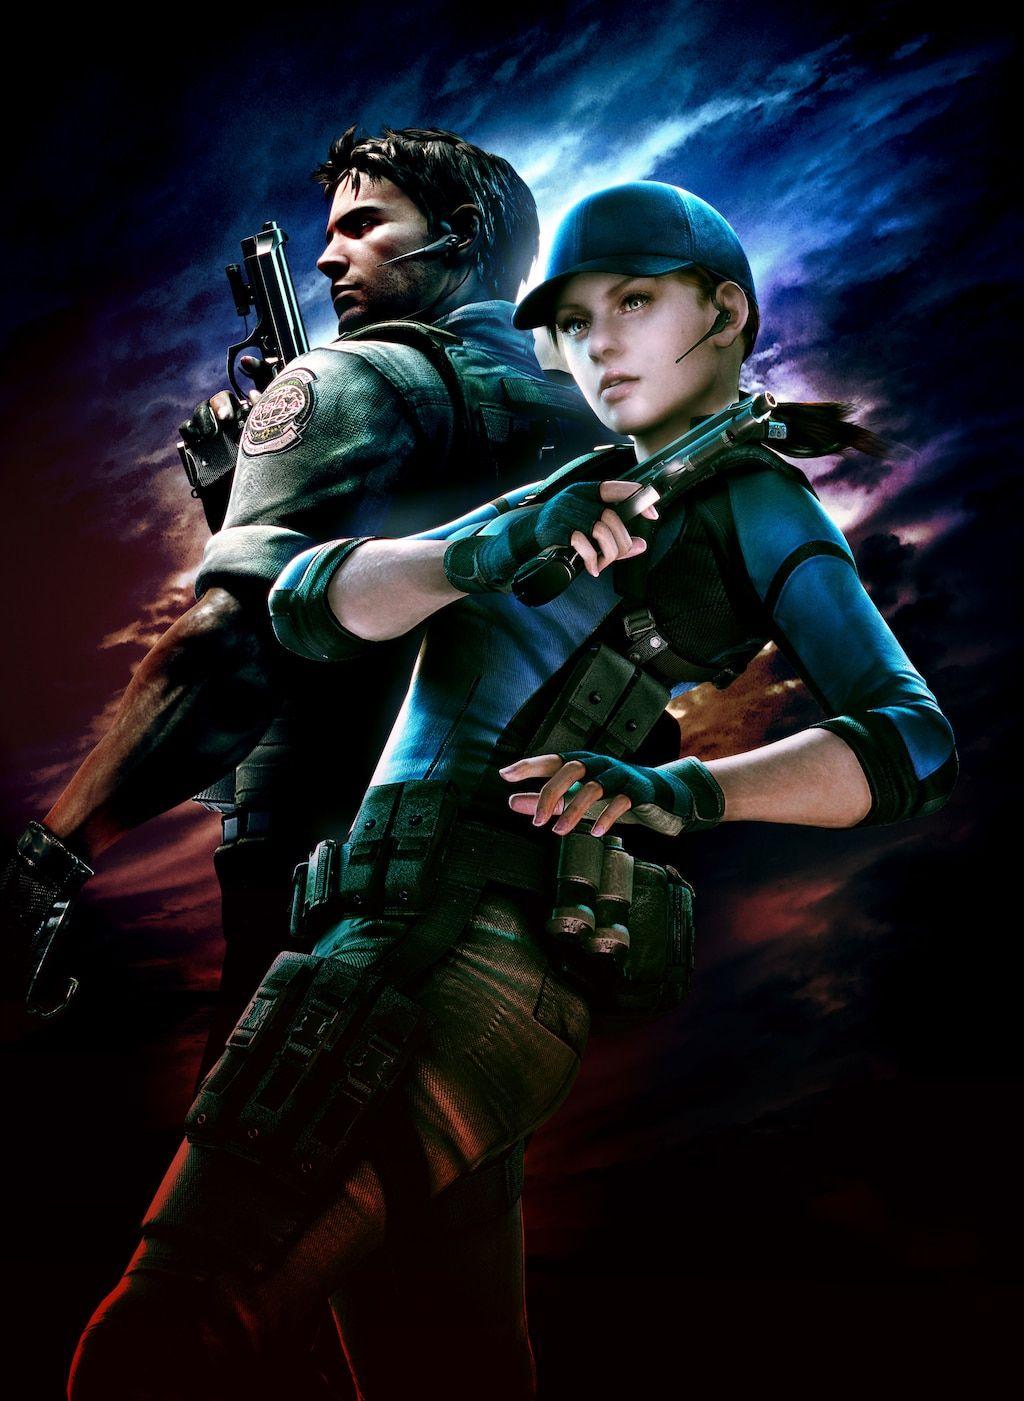 Pin by Maria🦋 on Resident Evil Resident evil 5, Resident